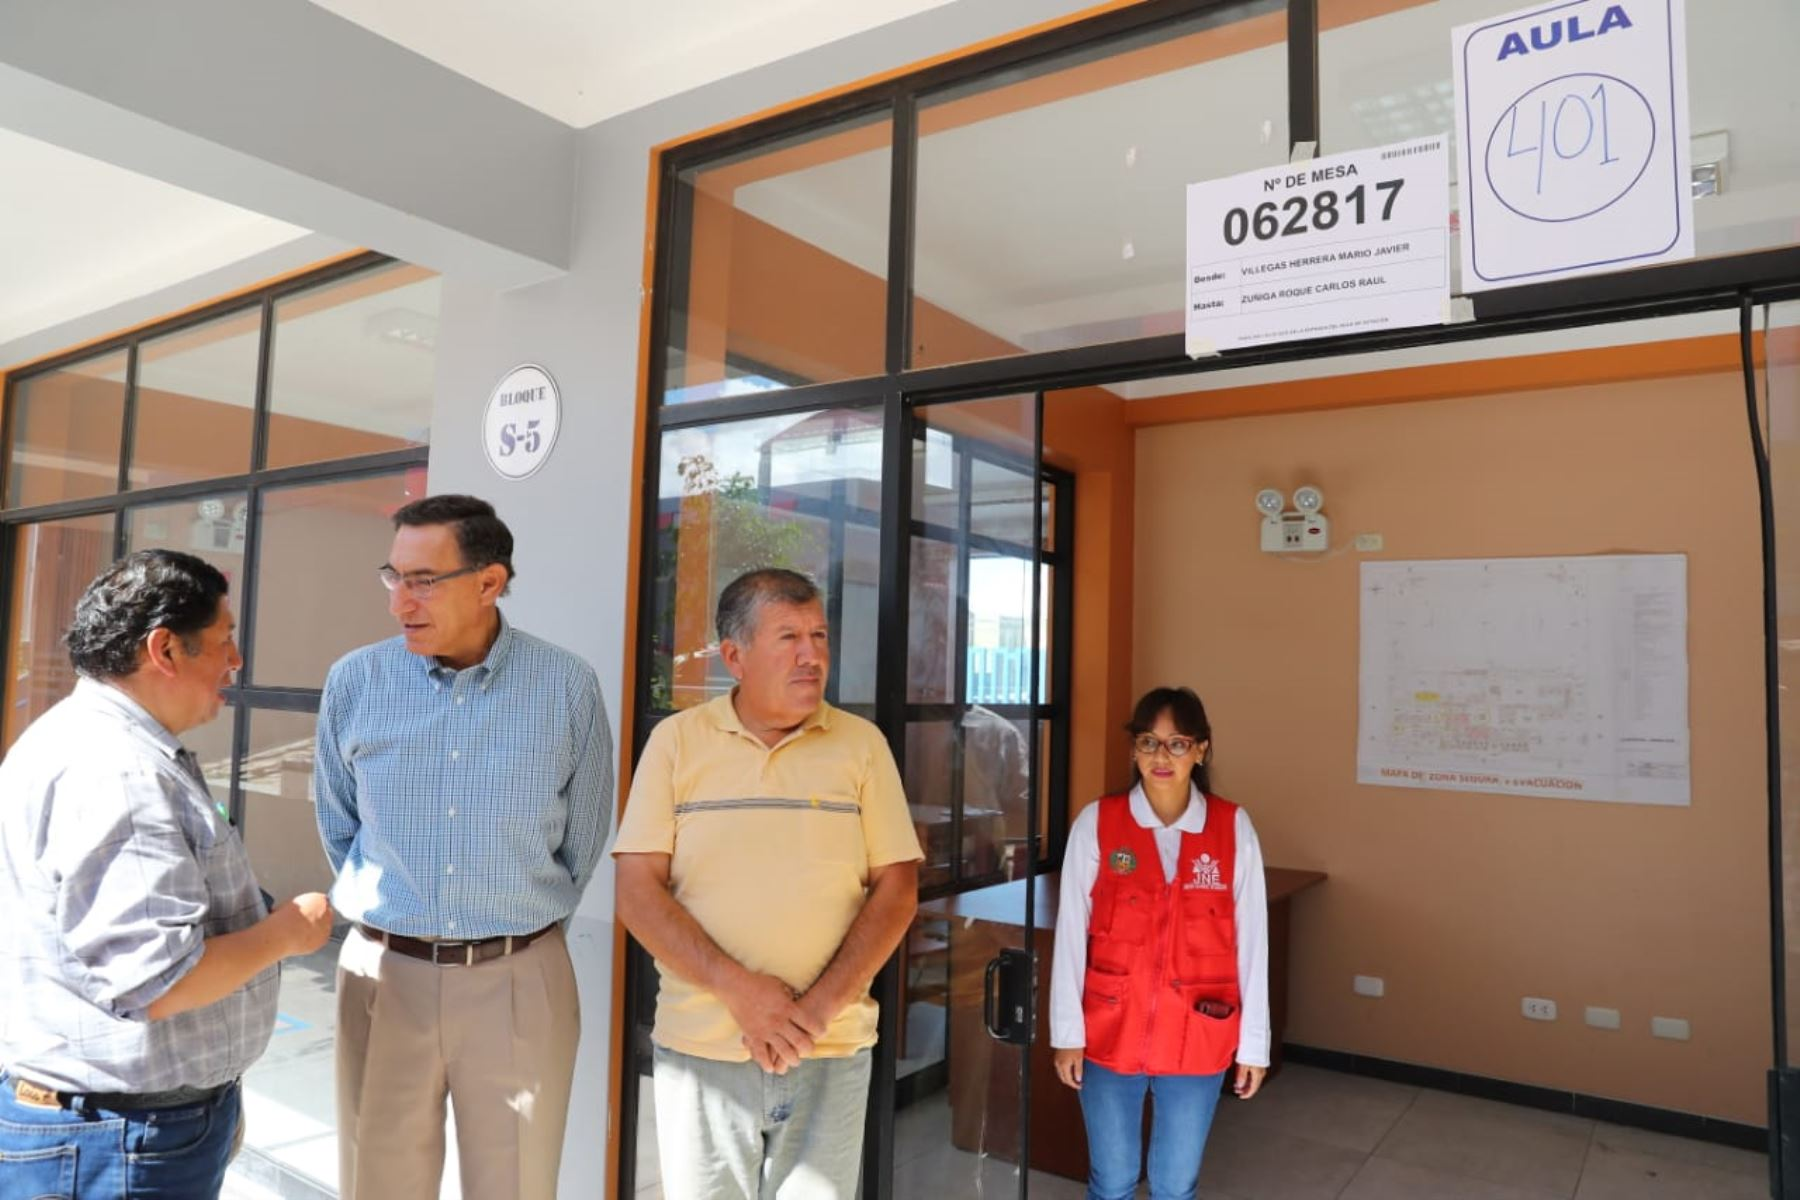 Jefe  del Estado, Martín Vizcarra, emite su voto en las Elecciones Congresales Extraordinarias 2020 en la región Moquegua. Foto: ANDINA/Prensa Presidencia